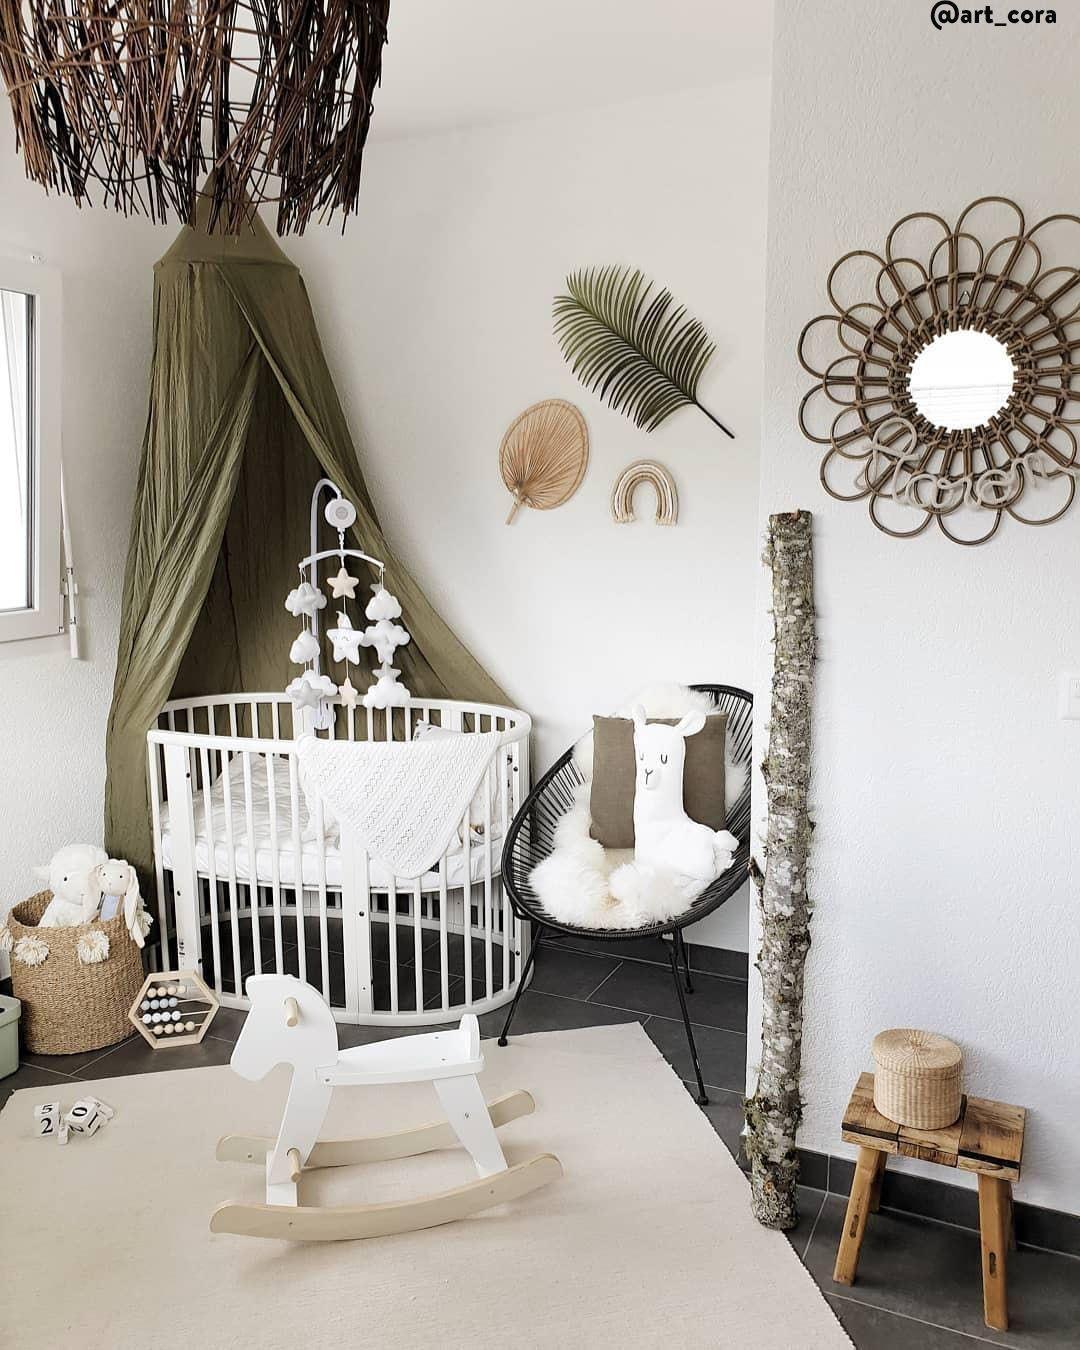 Réinventez votre intérieur l Westwing  Décoration chambre bébé